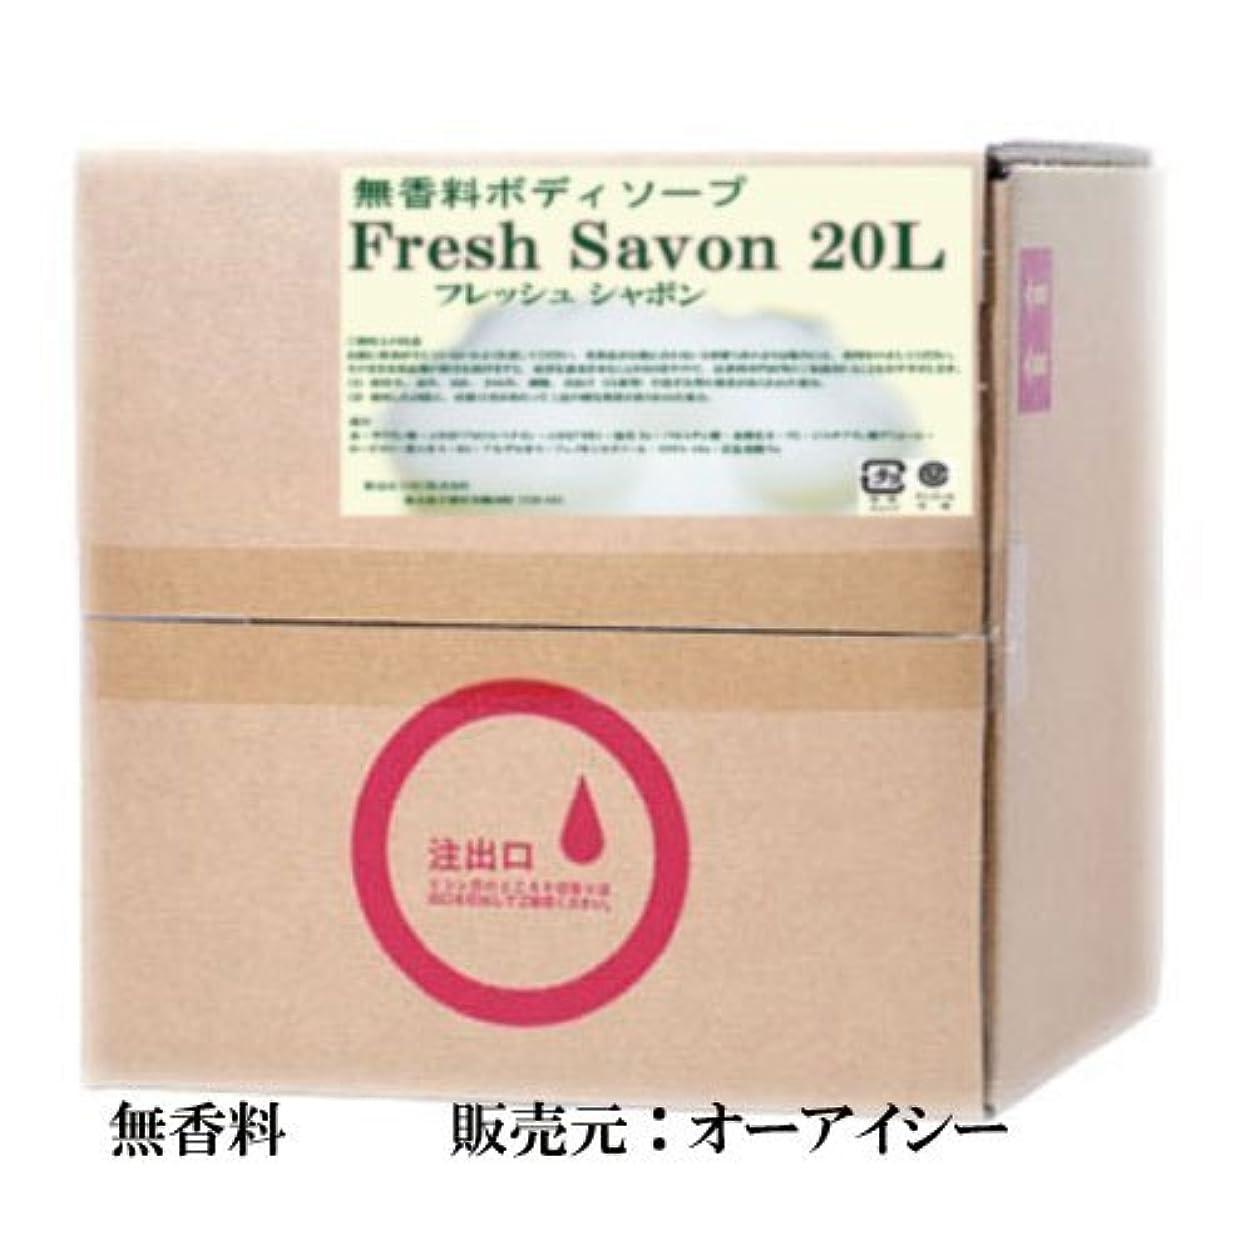 業務用 無香料 ボディソープ フレッシュシャボン 20L (販売元:オーアイシー) (ホワイト)